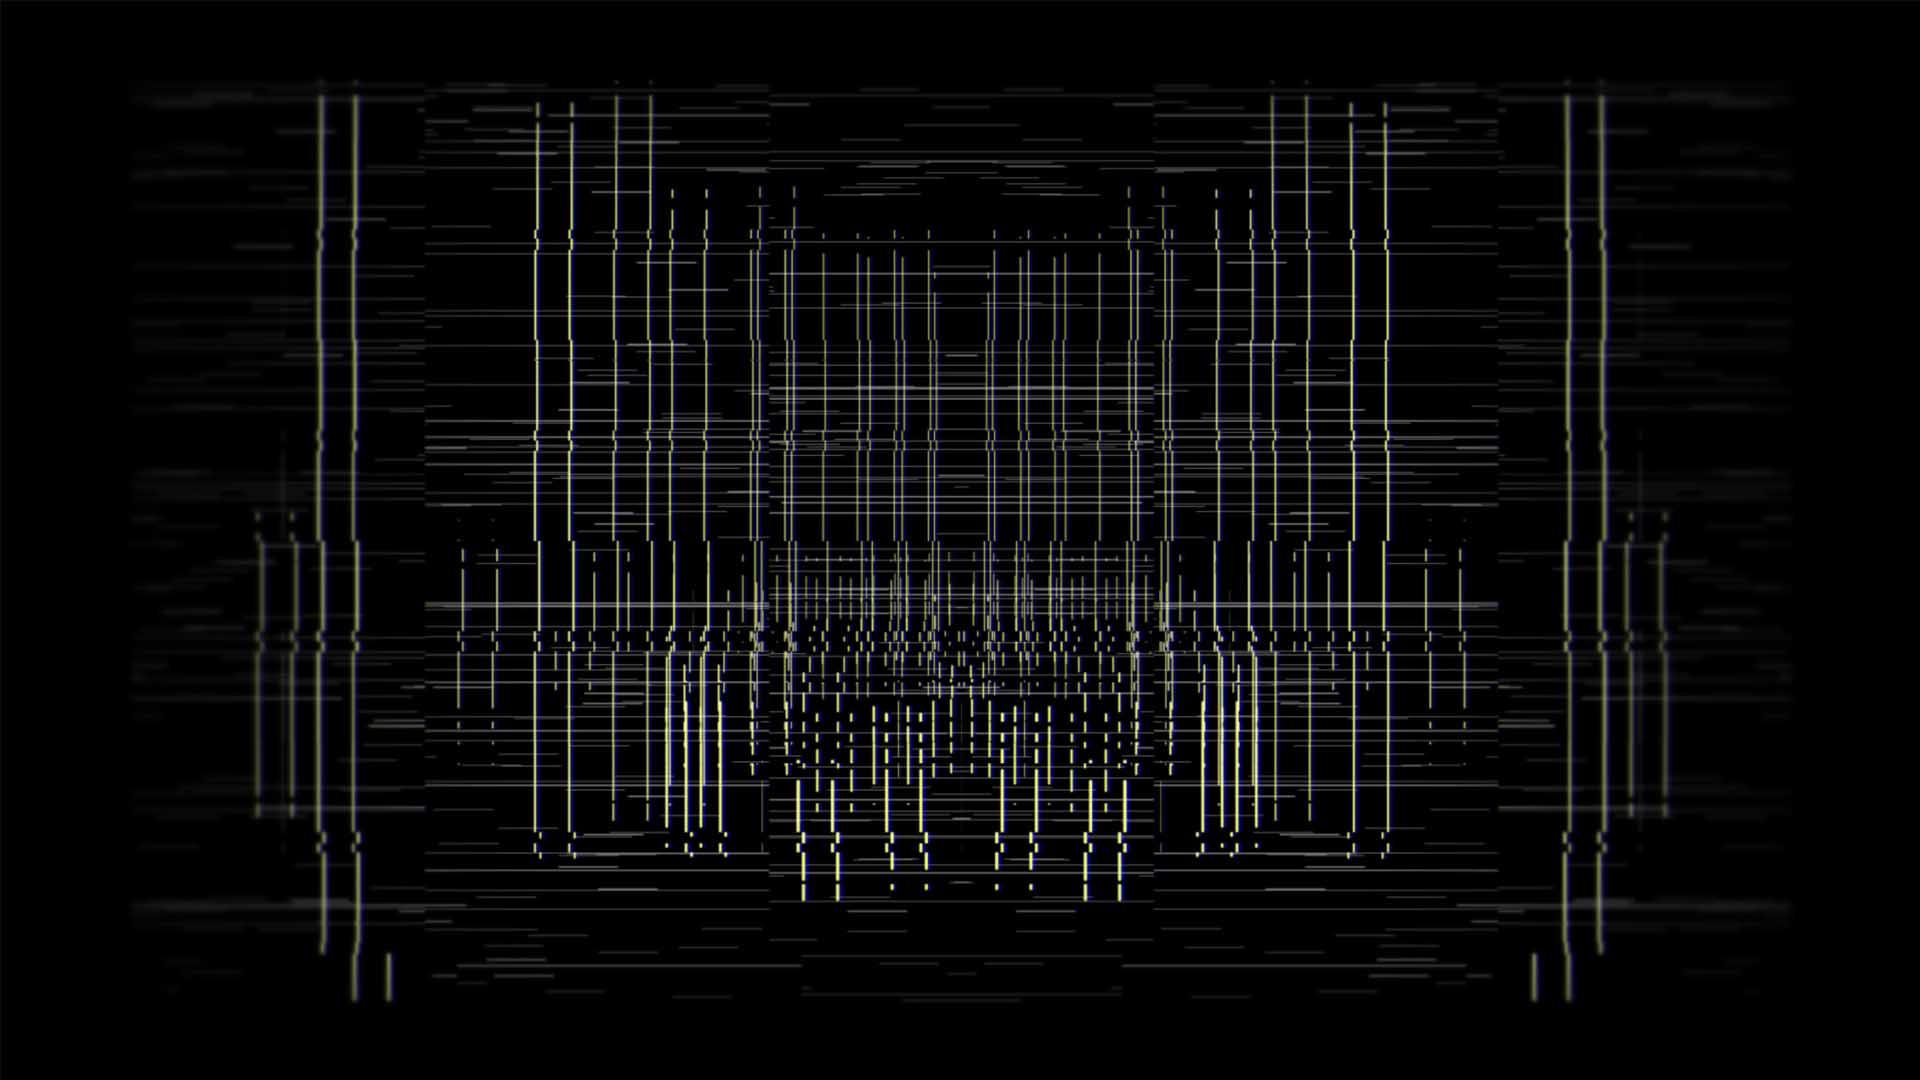 1080p vj loops